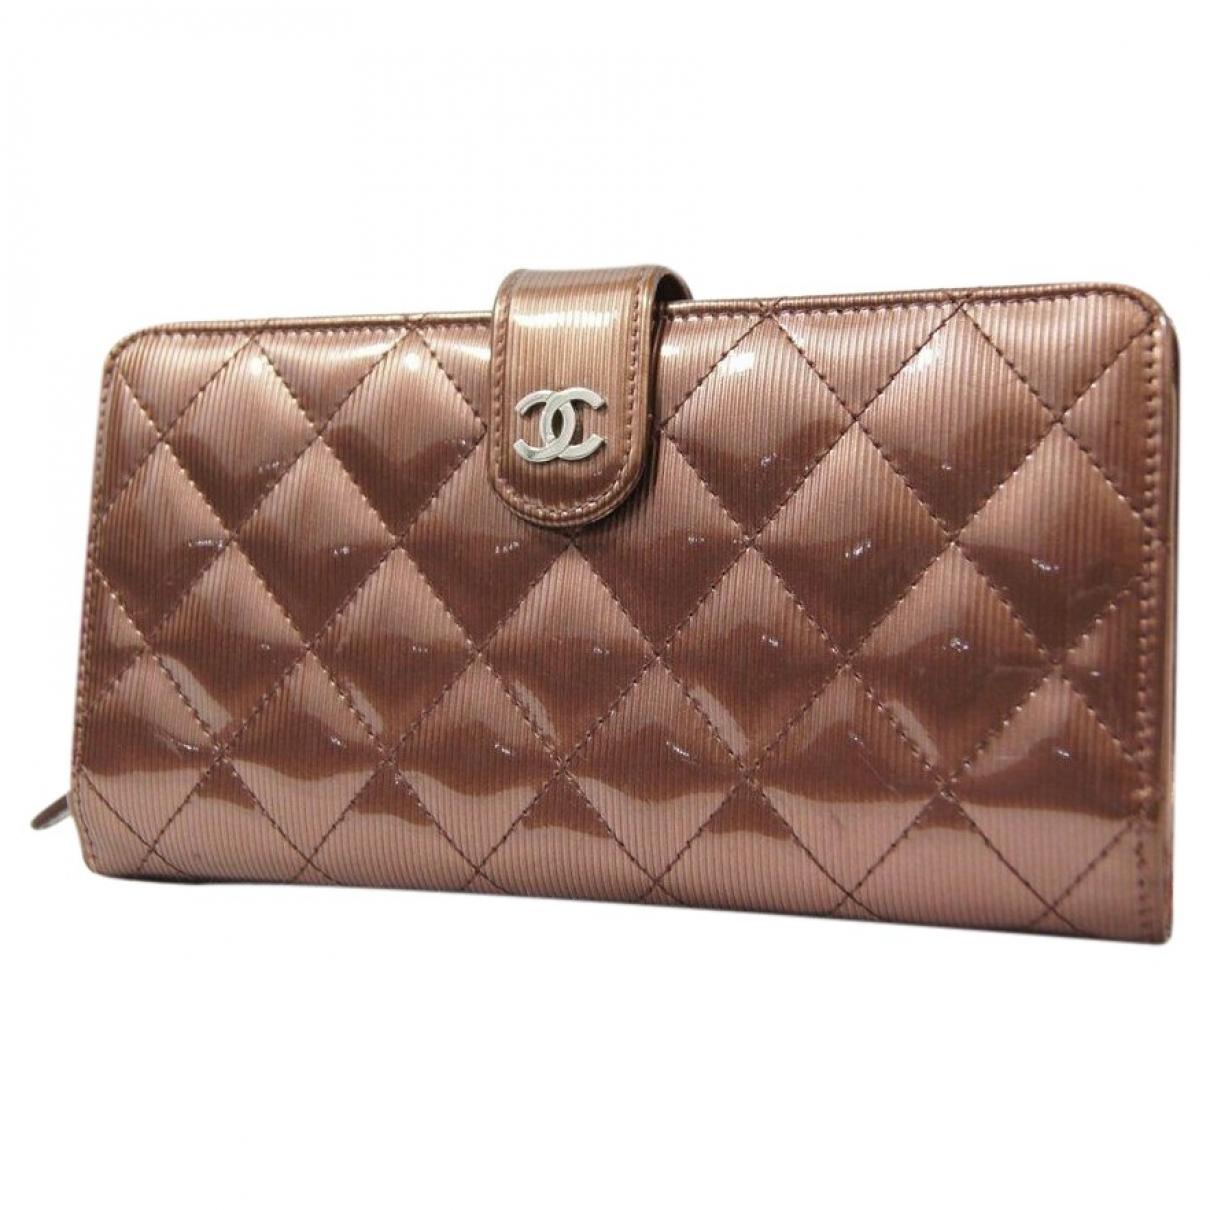 Chanel \N Portemonnaie in  Braun Lackleder